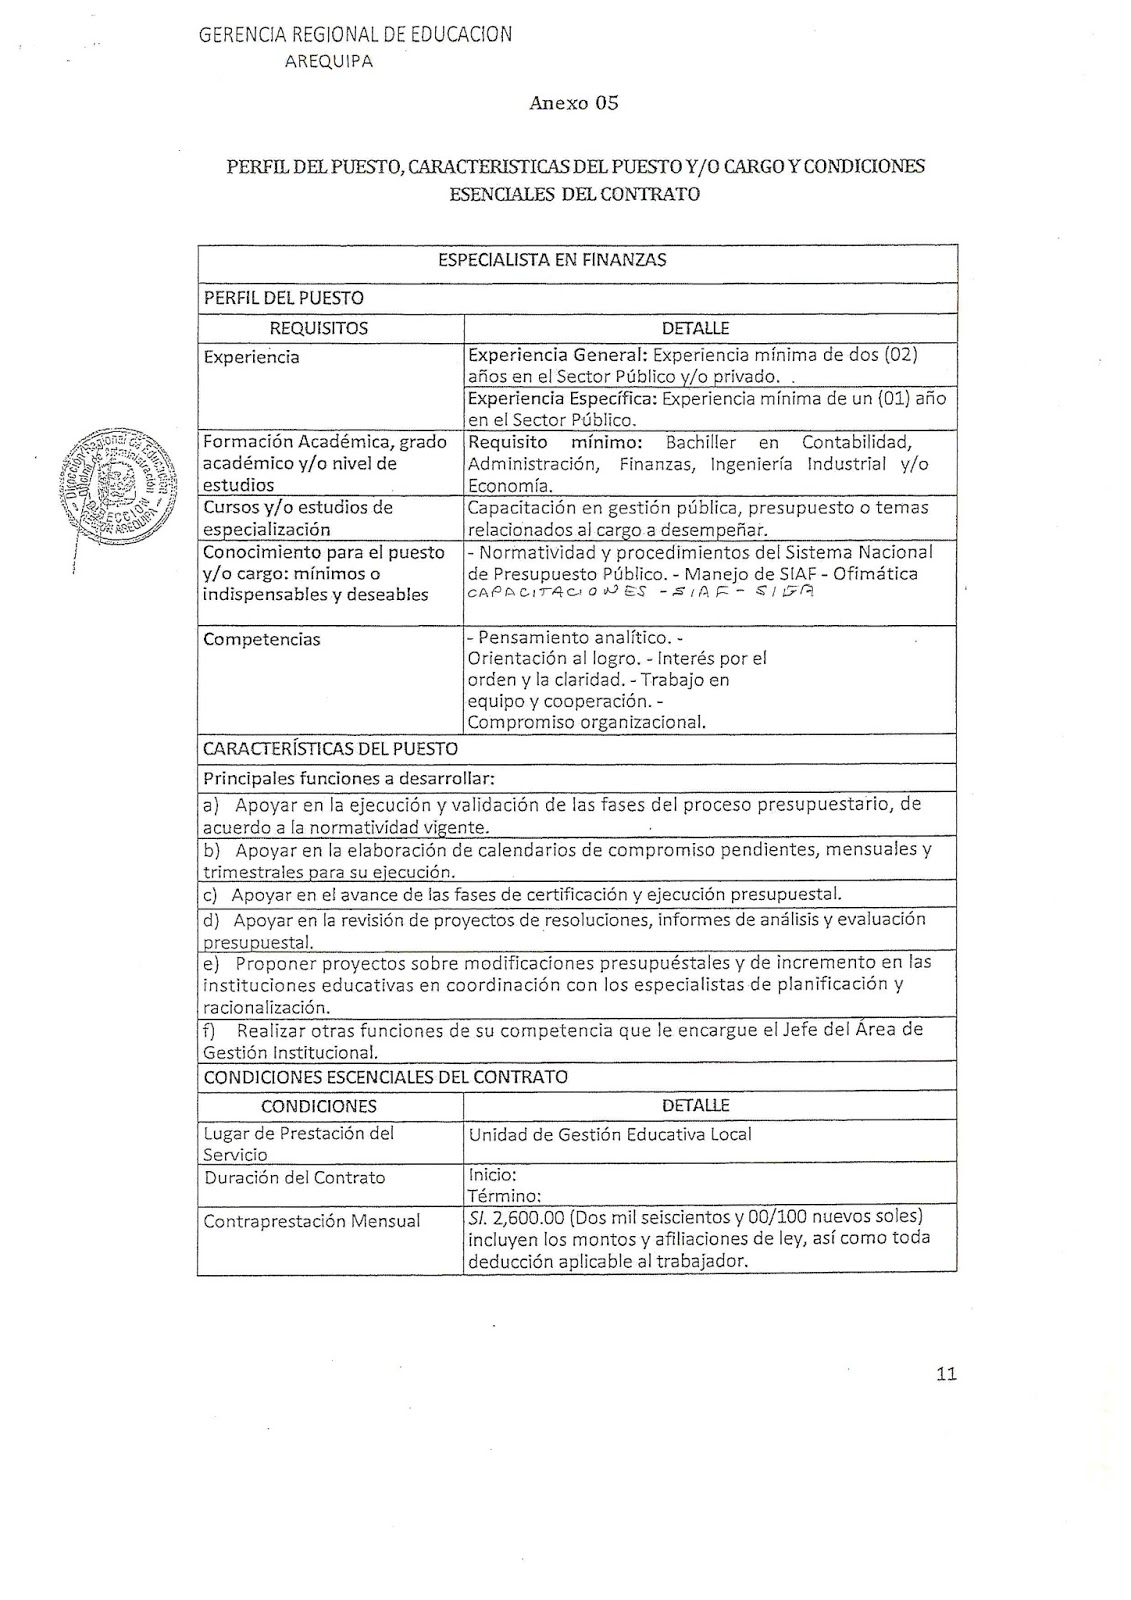 Segunda convocatoria para contrato cas ugel caman for Convocatoria para docentes